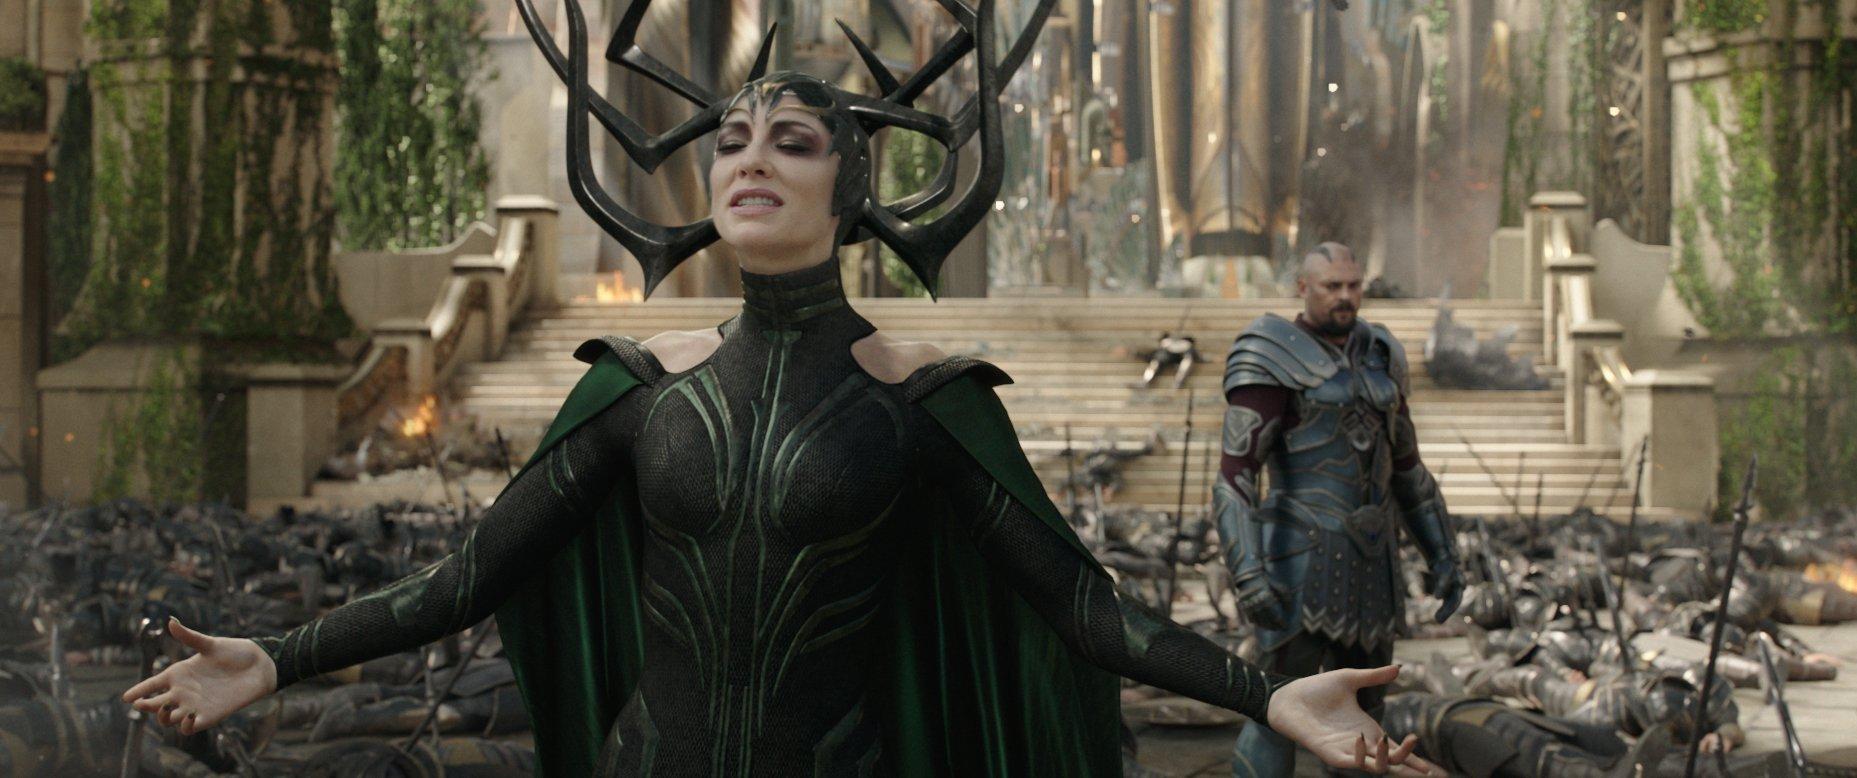 Photo du film Thor: Ragnarok avec Karl Urban et Cate Blanchett (Skurge et Hela)